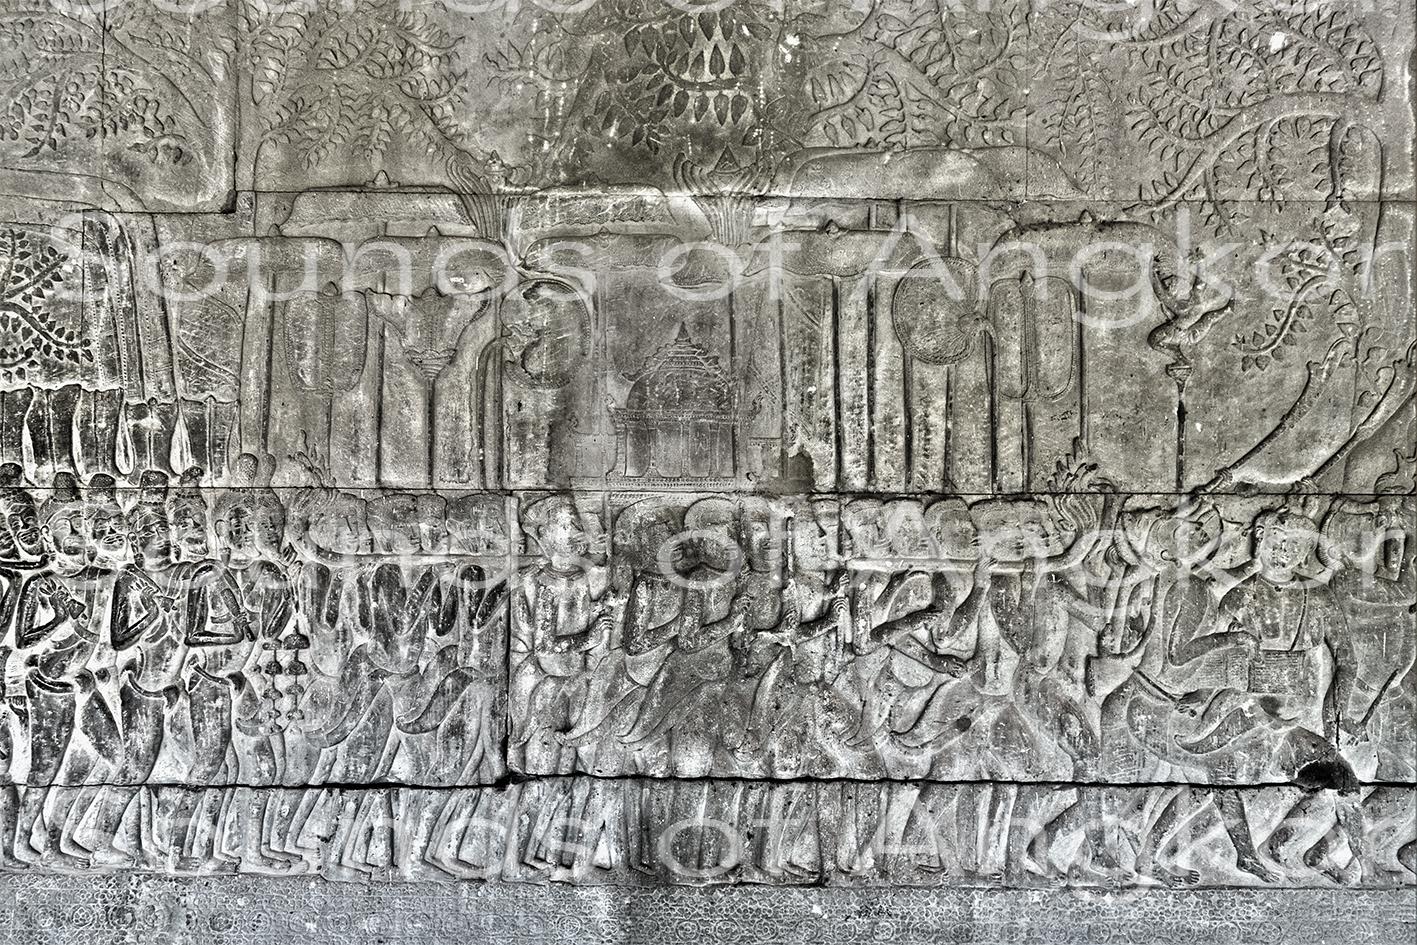 Les brahmanes accompagnent le feu sacré. Angkor Vat, galerie sud, travée ouest.